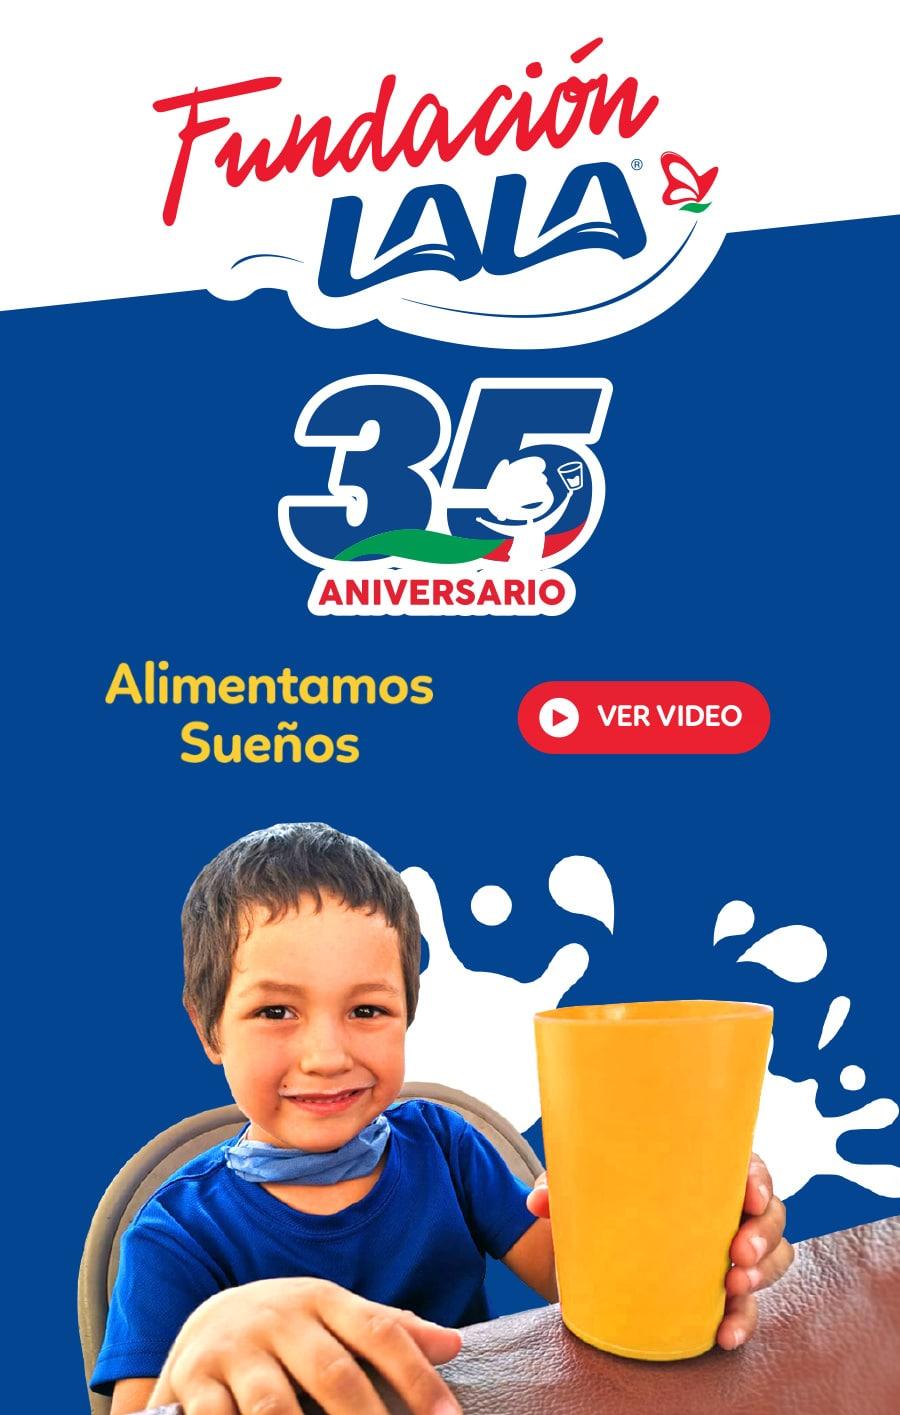 Niño feliz tomando leche